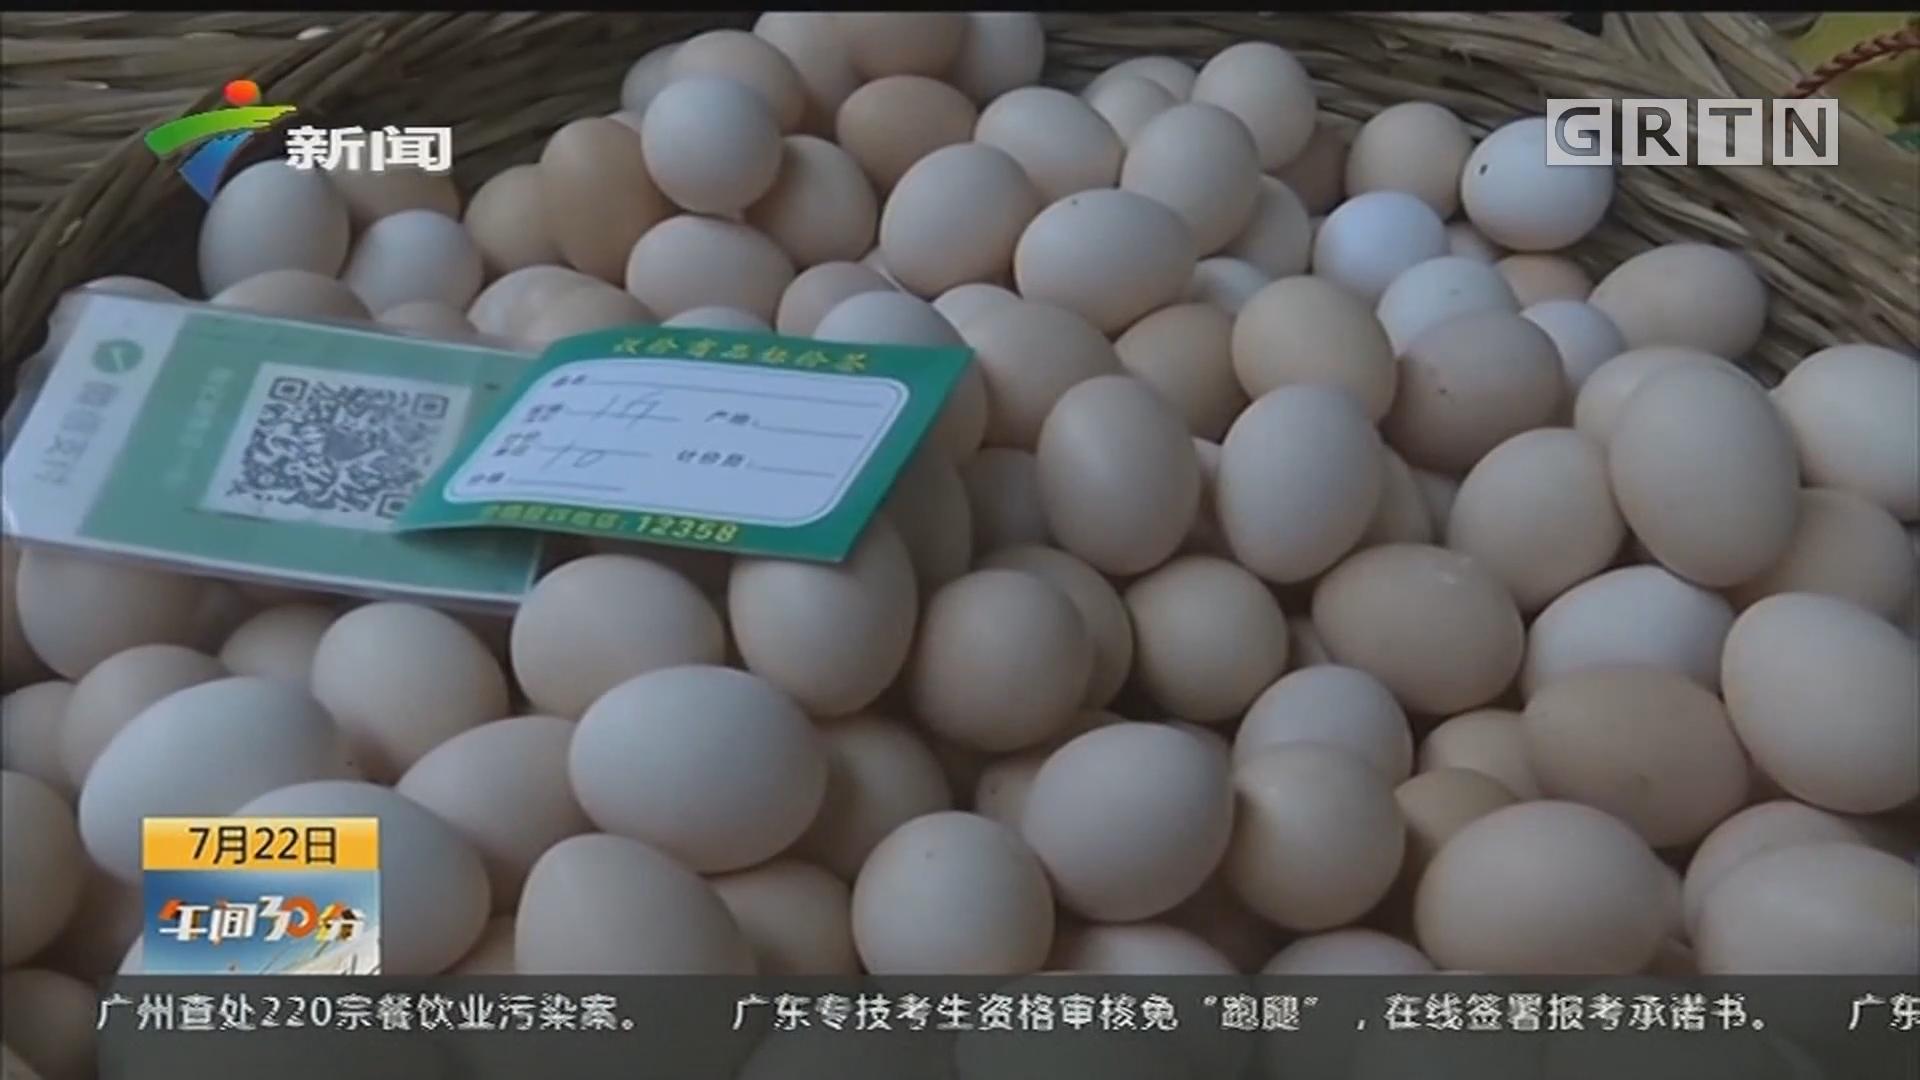 茂名:中秋未至 蛋价先涨